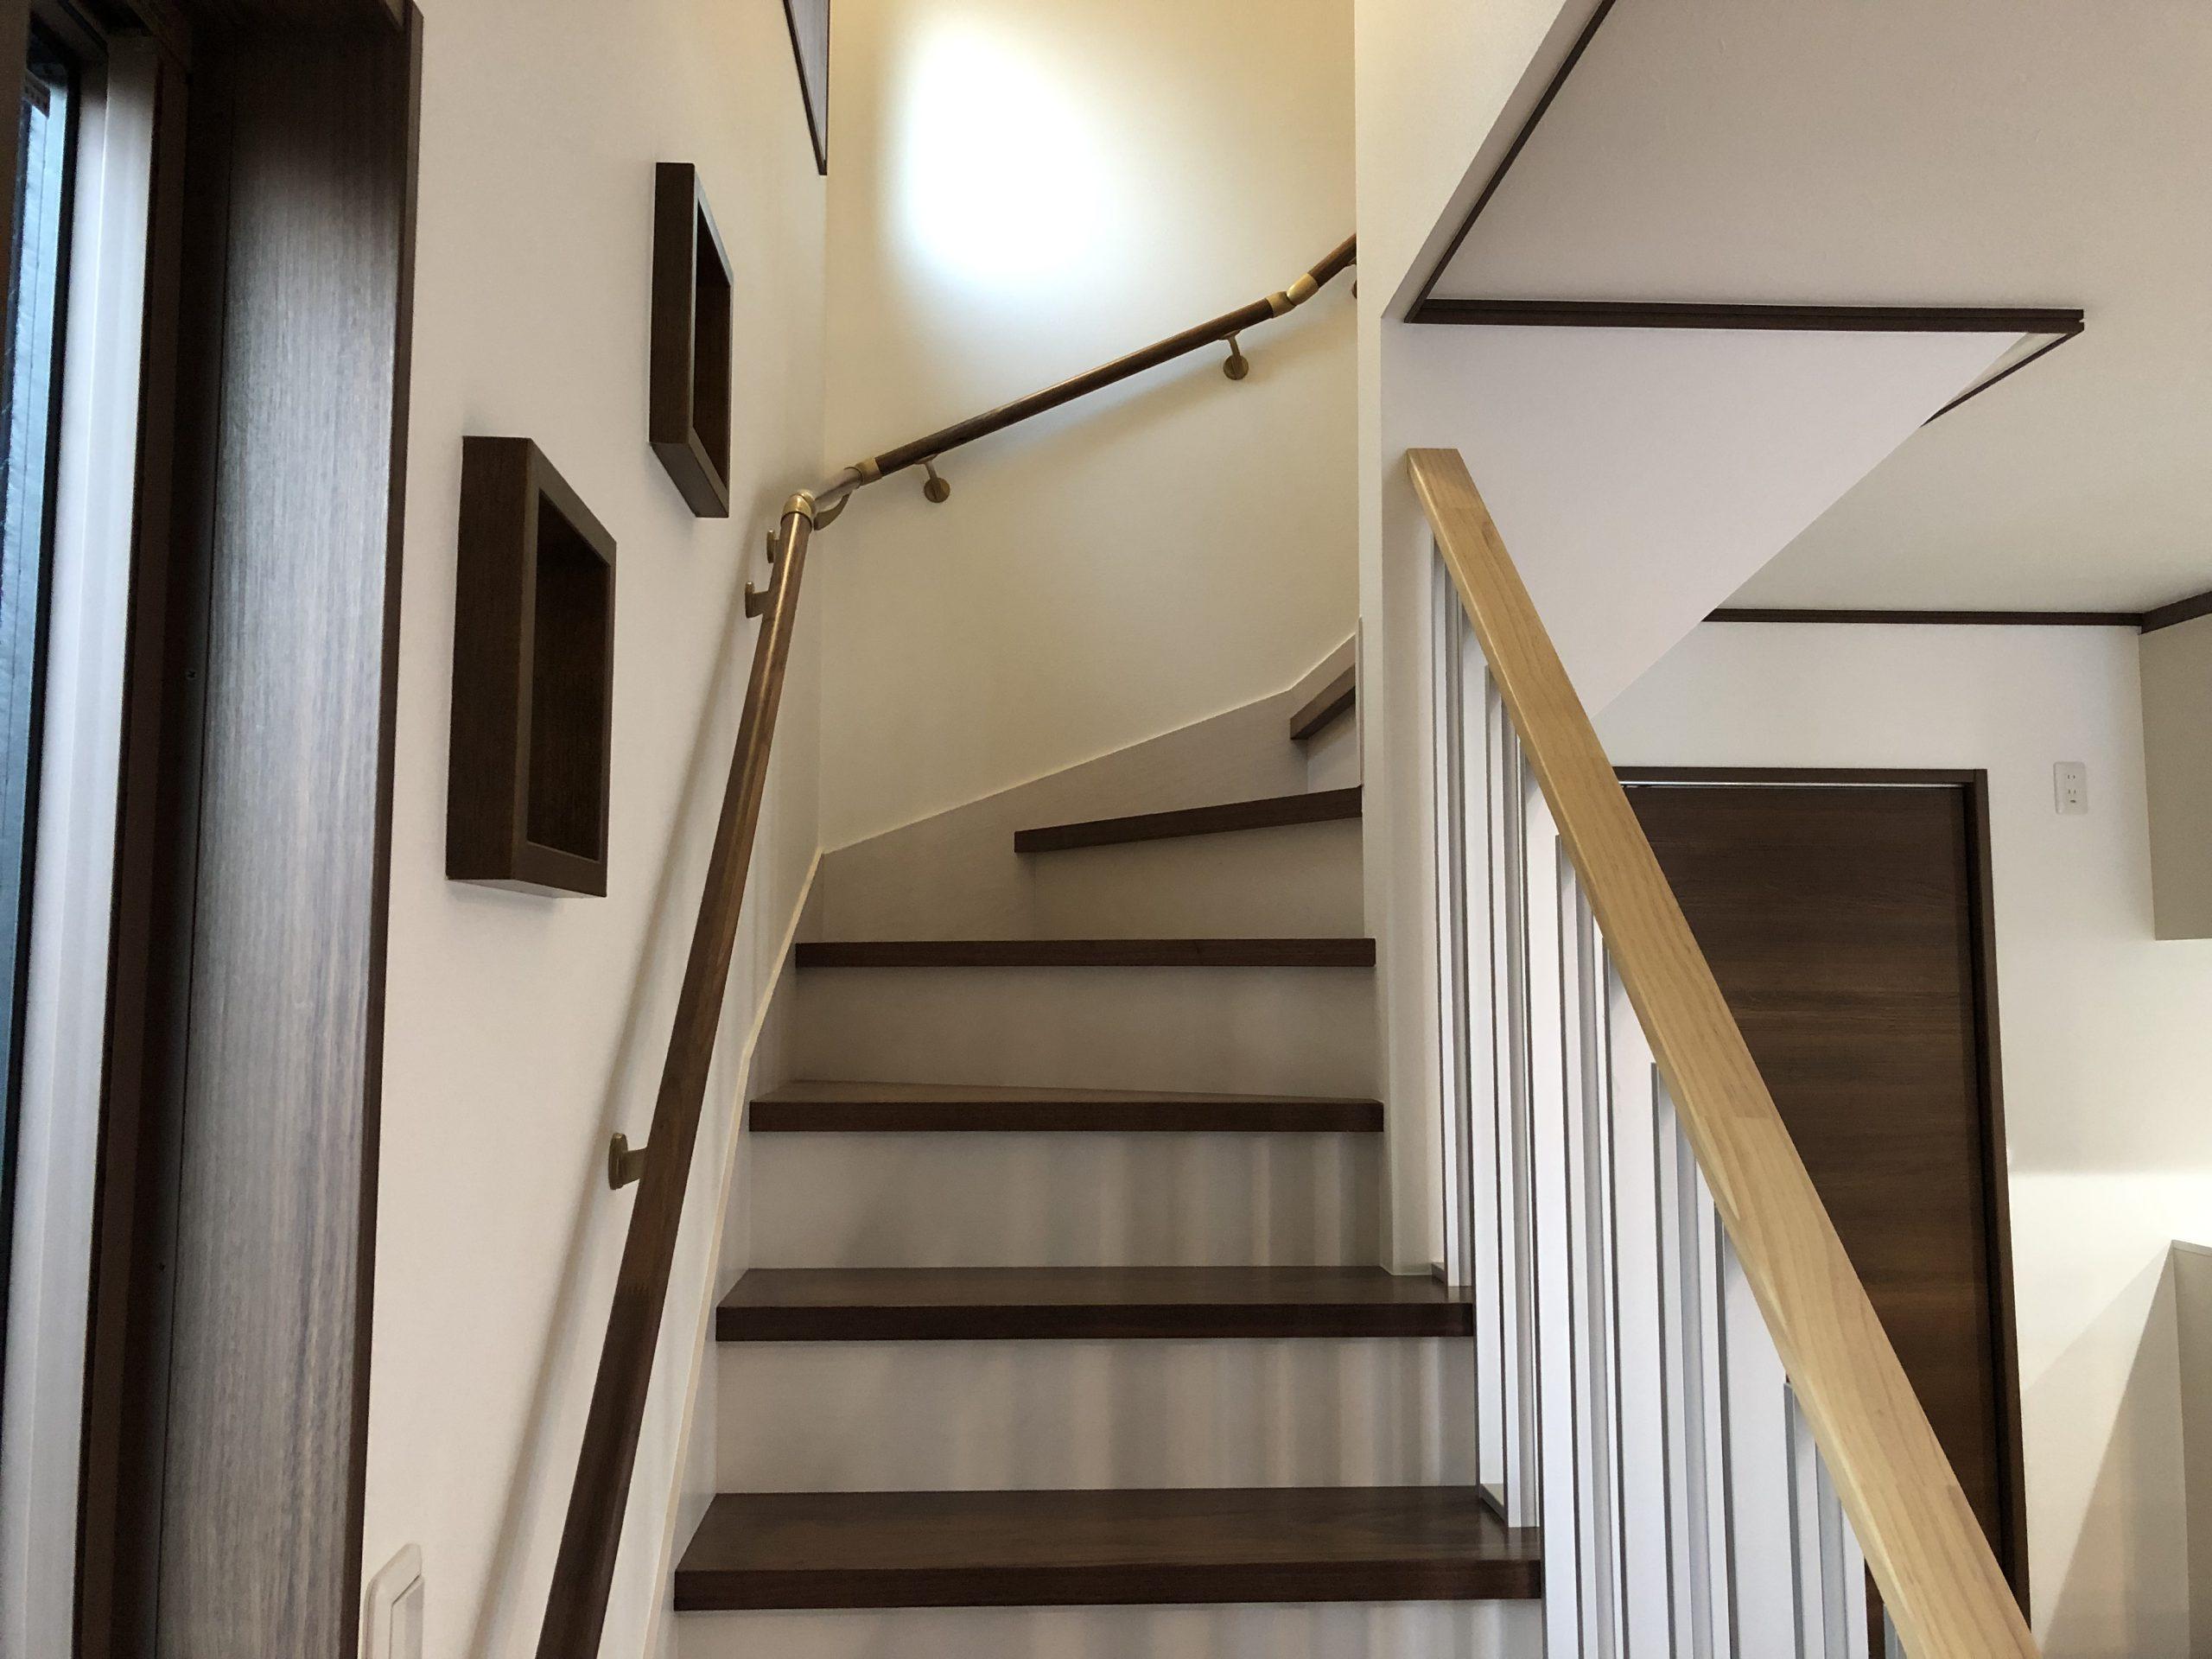 K様邸 リビングイン階段